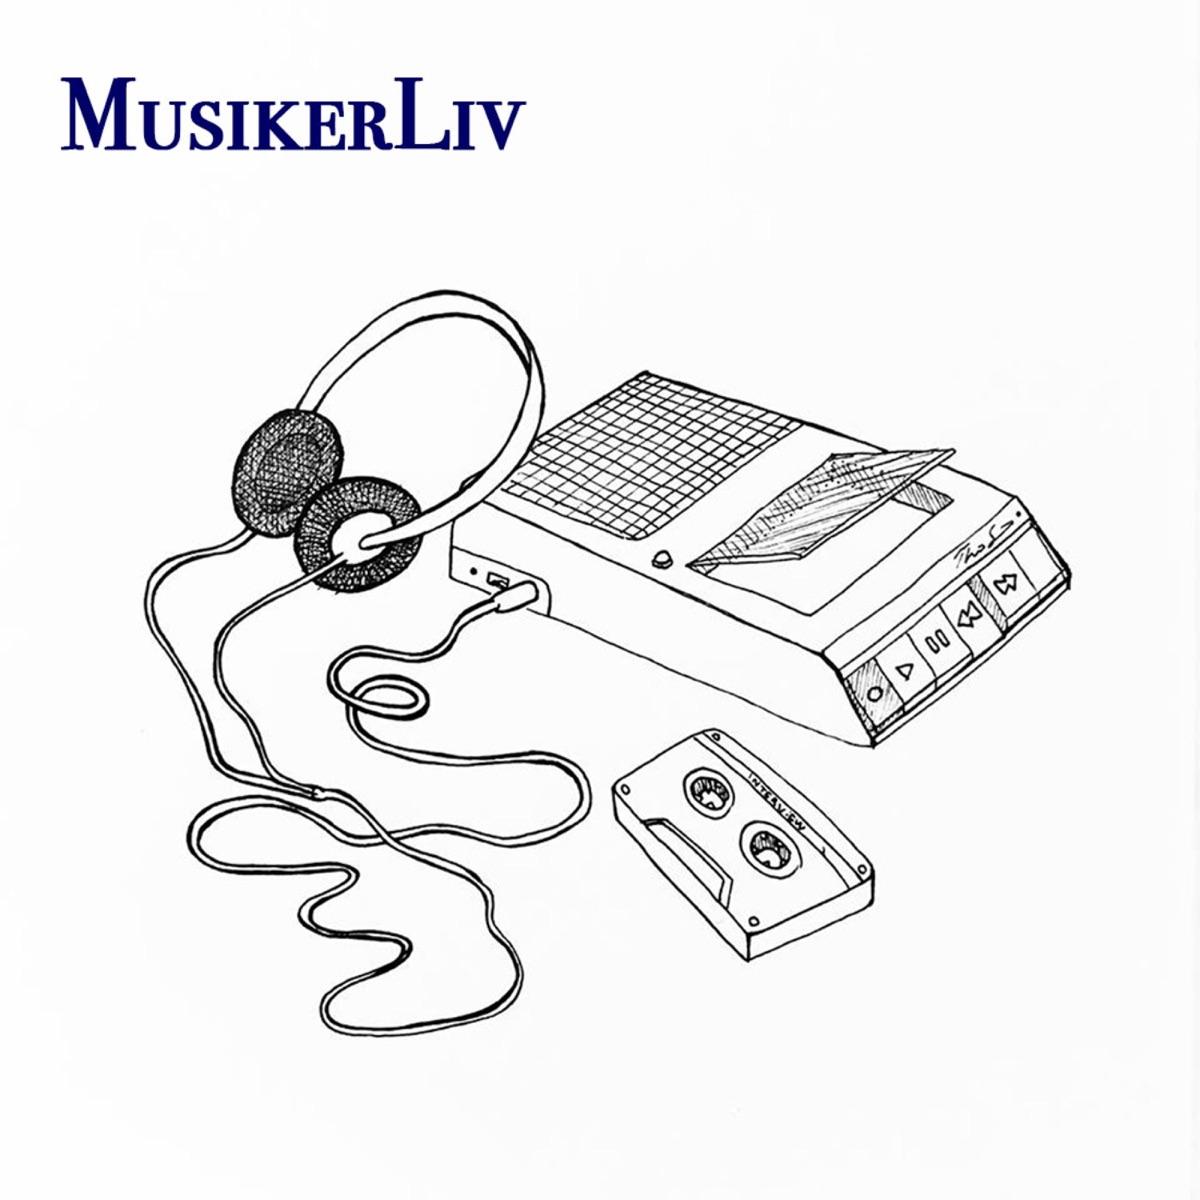 Musikerliv